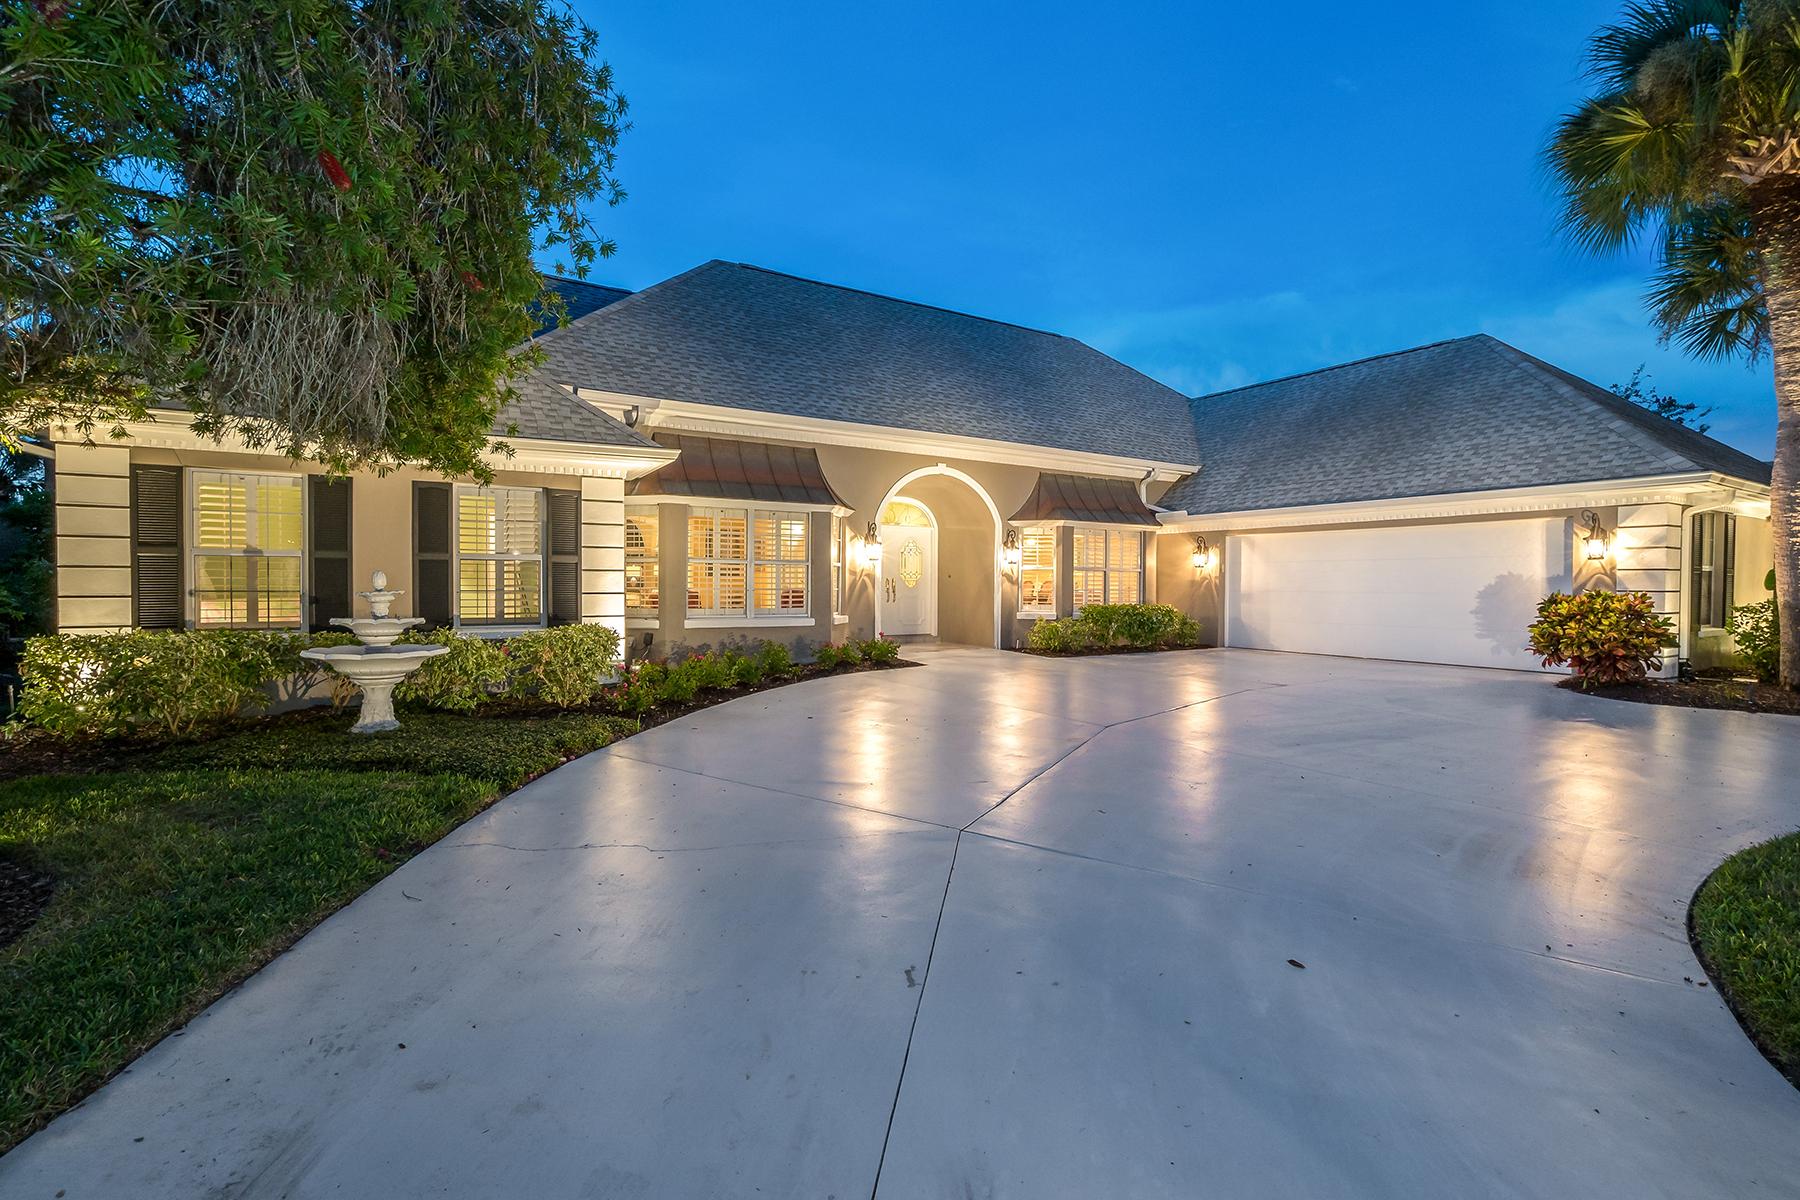 Частный односемейный дом для того Продажа на BOCA ROYALE 26 Golf View Dr, Englewood, Флорида, 34223 Соединенные Штаты